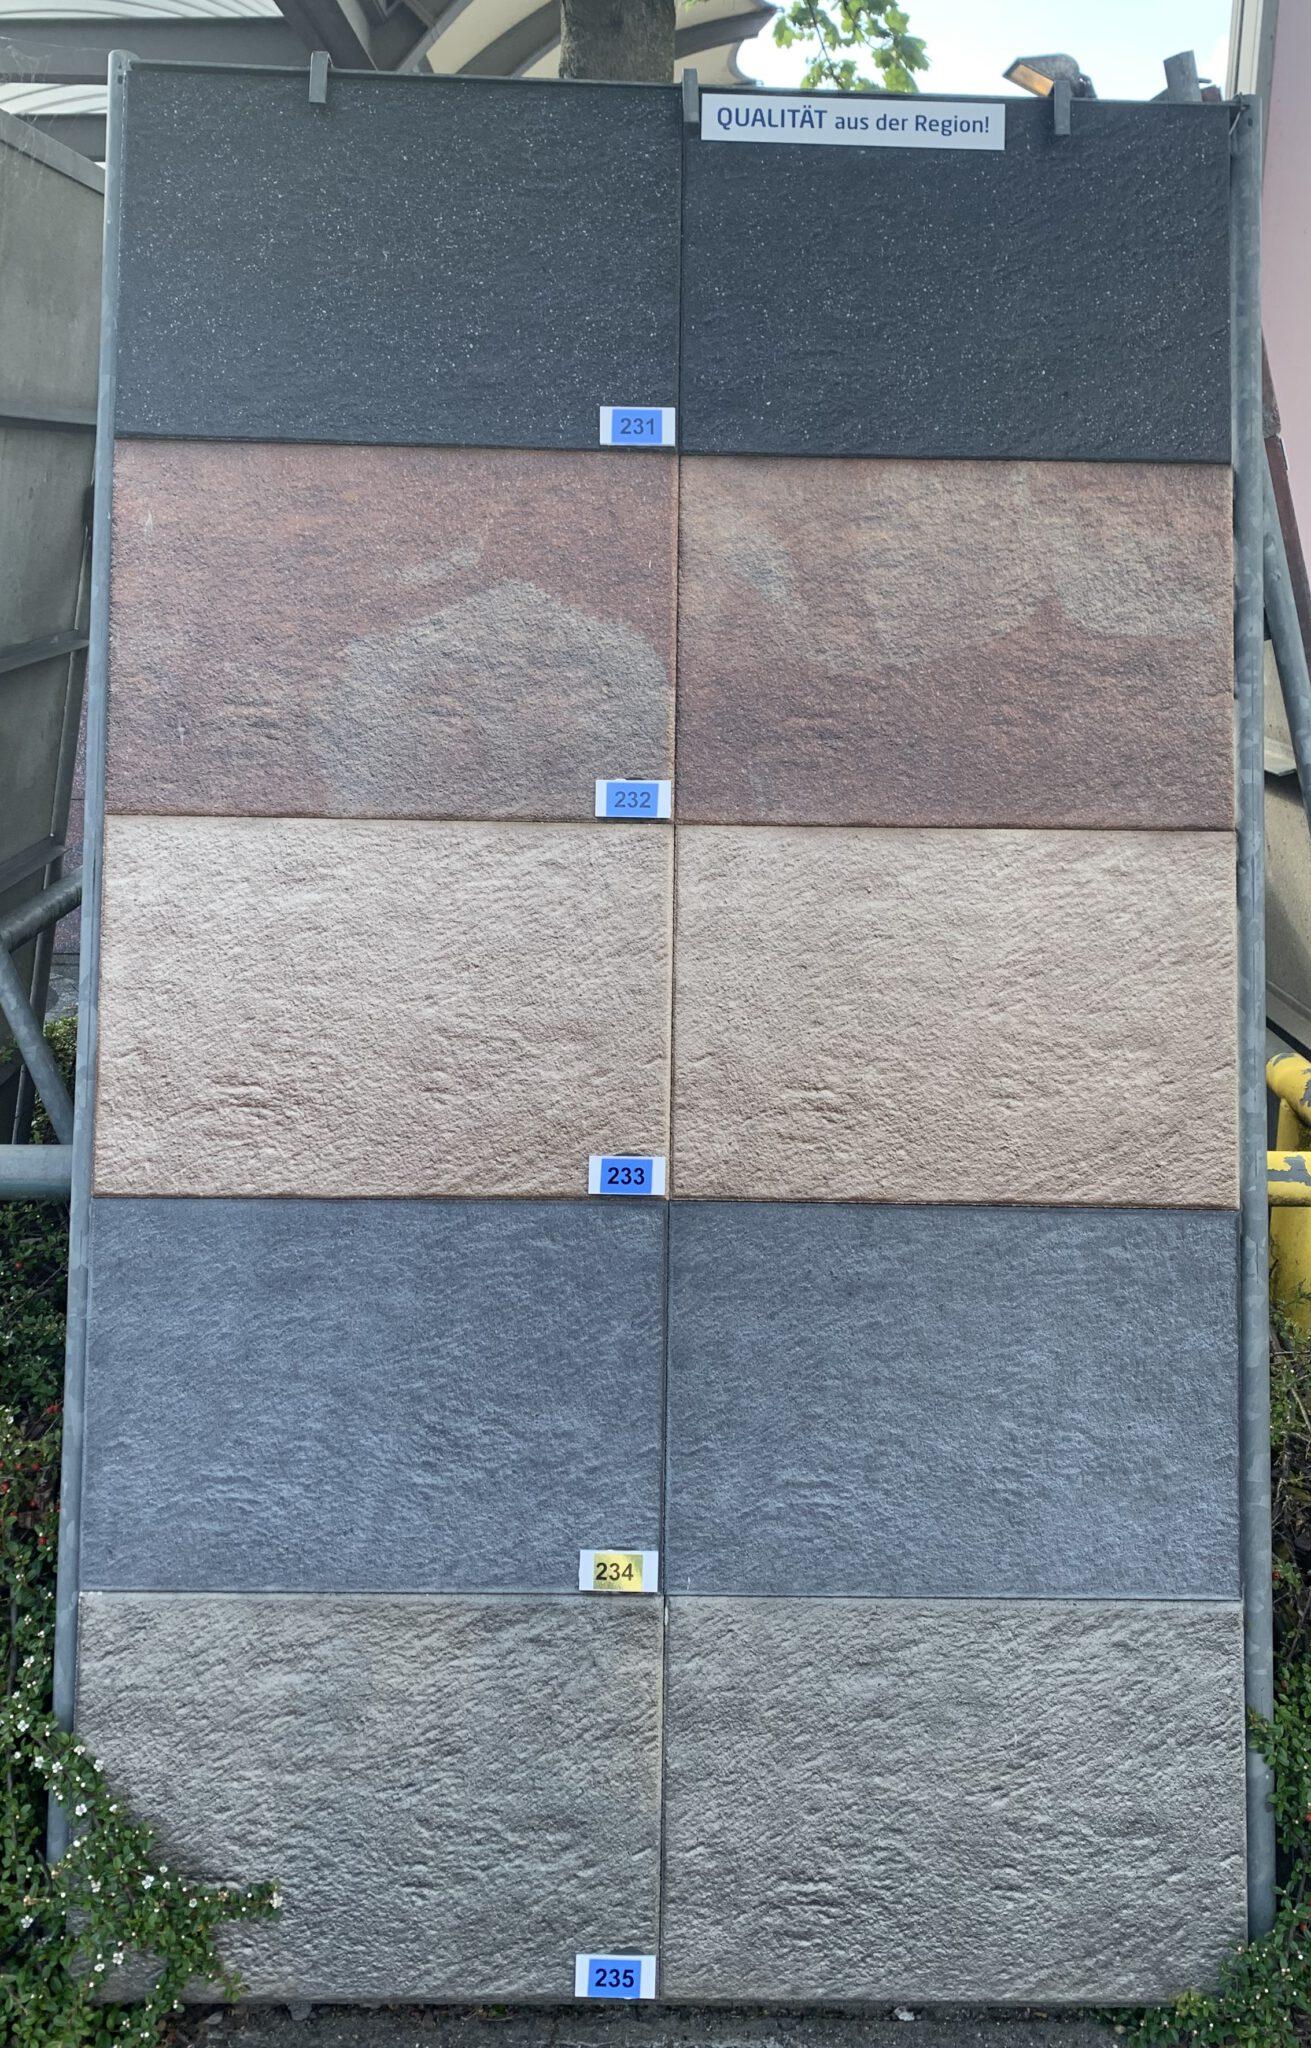 Terrassenplatte Novaclean efecto beigebraun bei Stolzenbach Baustoffe in Bremen kaufen